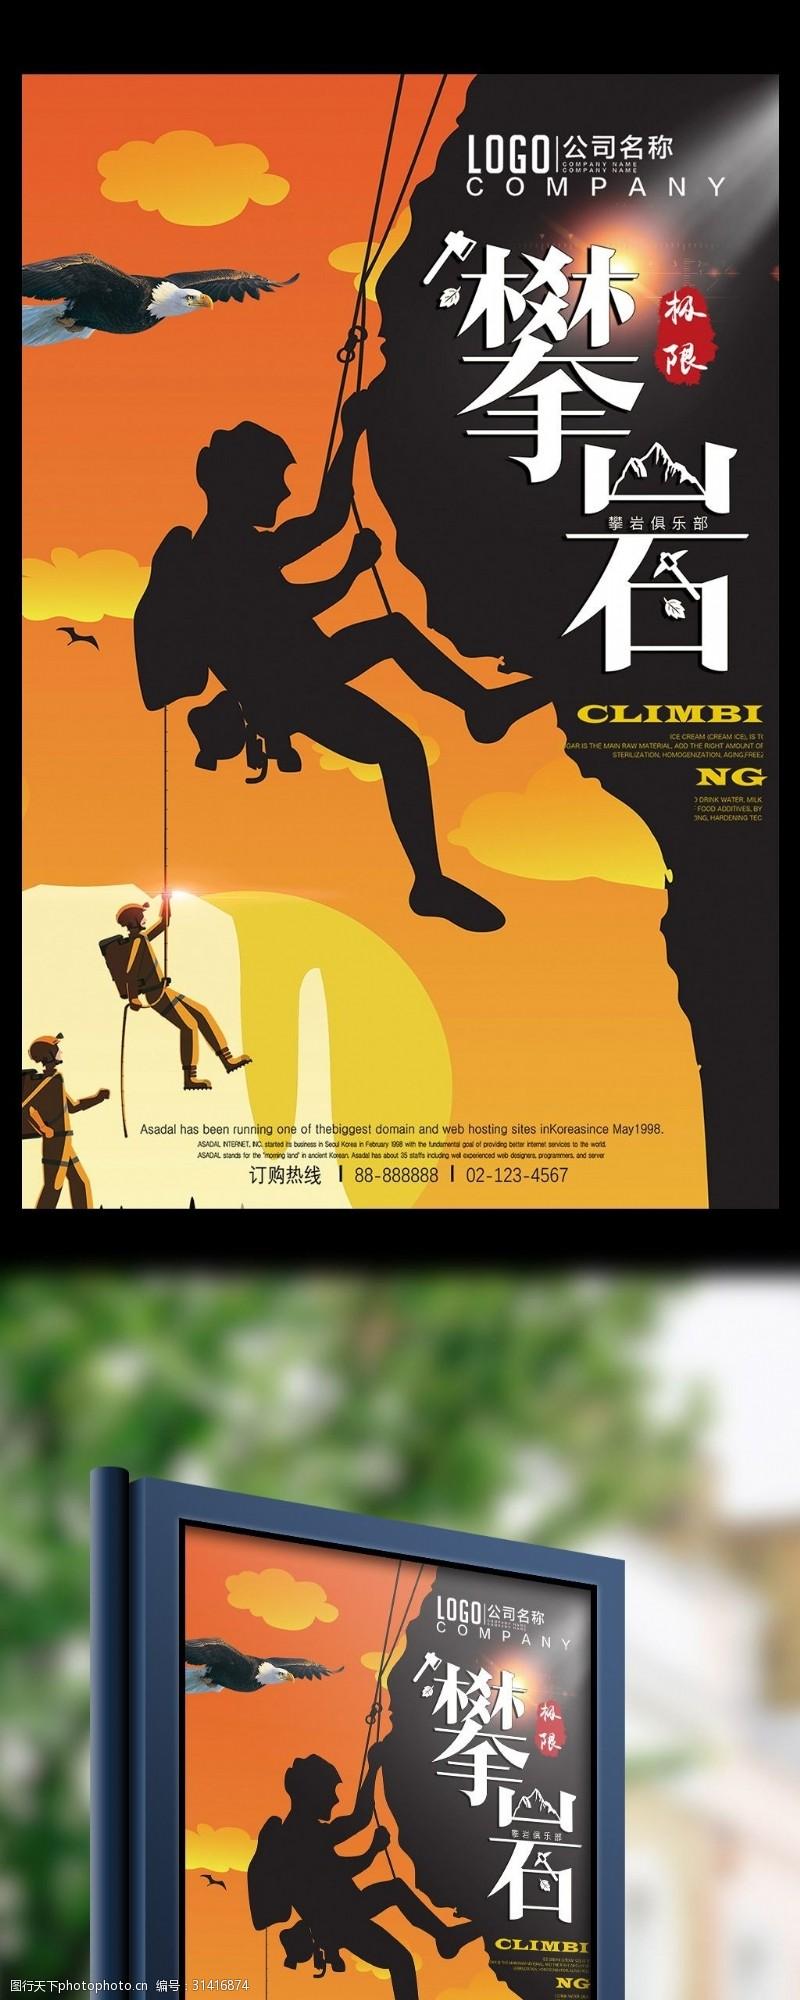 徒手攀岩攀岩登山极限体育运动海报